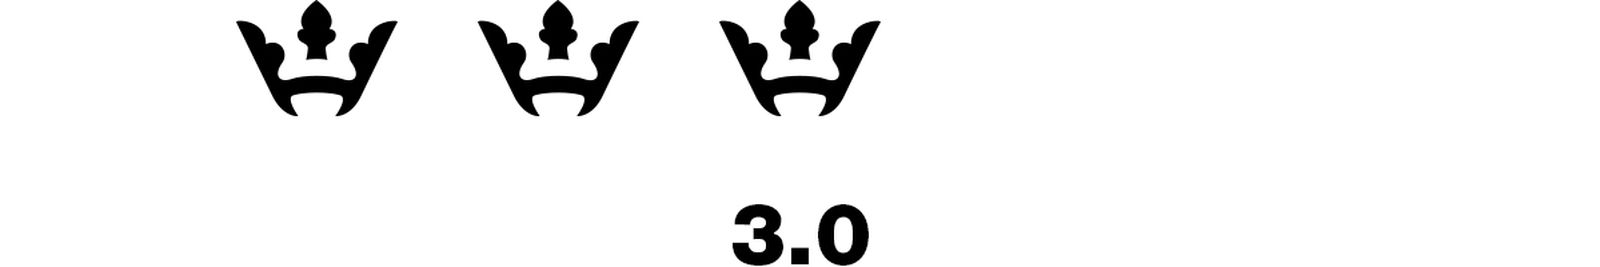 3.0 Stay Dangerous YG